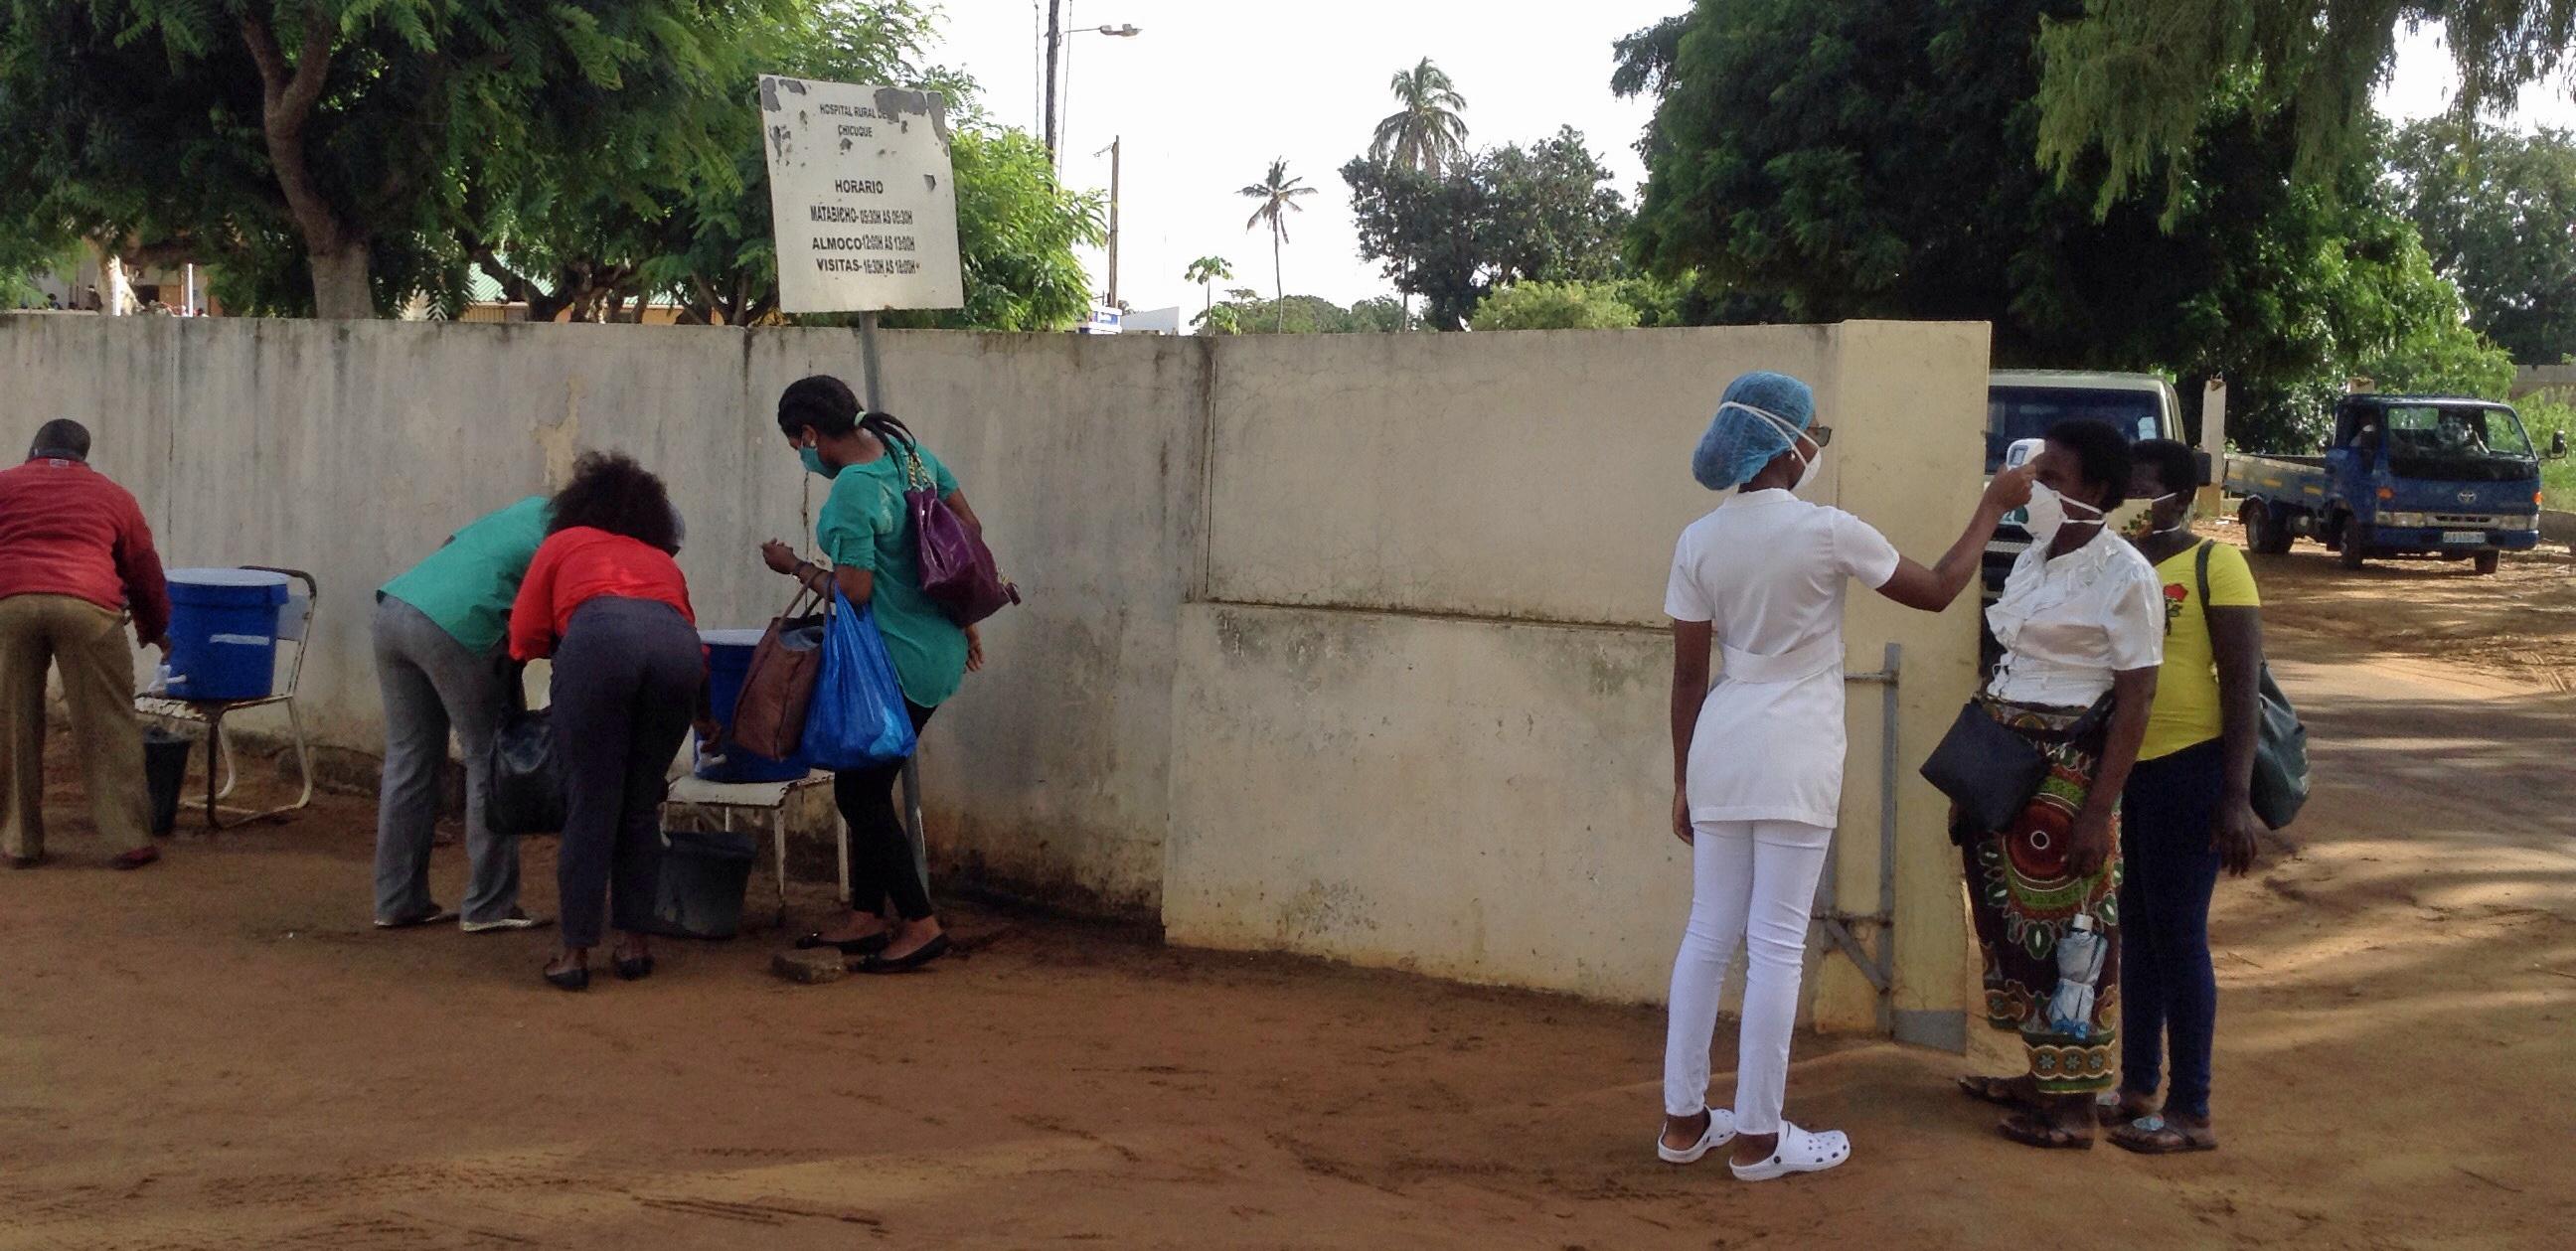 Utentes do Hospital Rural de Chicuque, sendo testados a temperatura na entrada principal do hospital e depois recomendados a lavarem as mãos. Chicuque, foto de António Wilson.